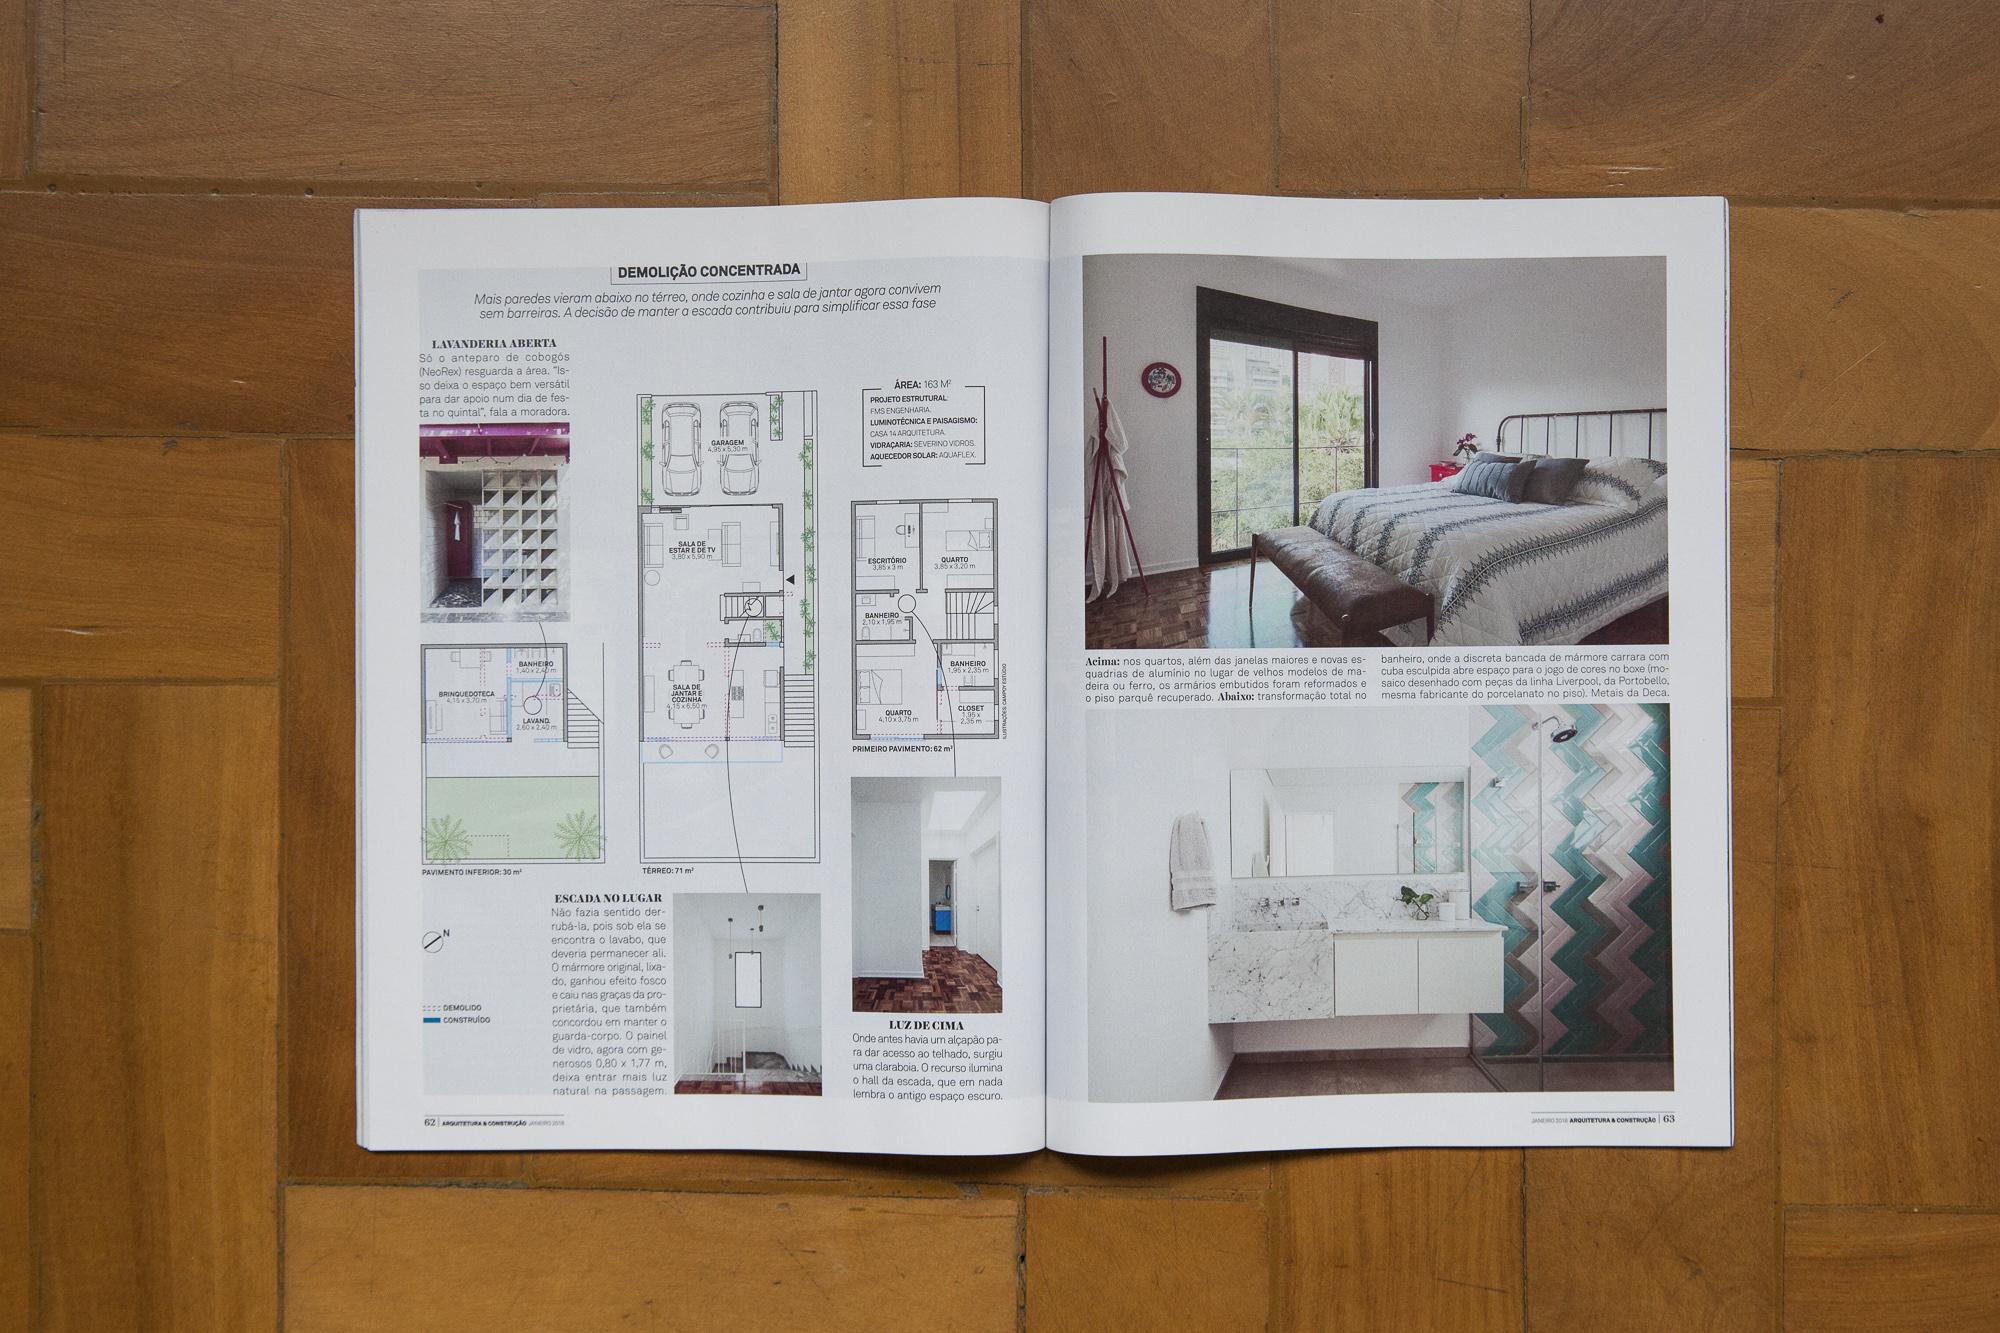 Arquitetura e Construção - janeiro 2018 2-4.jpg